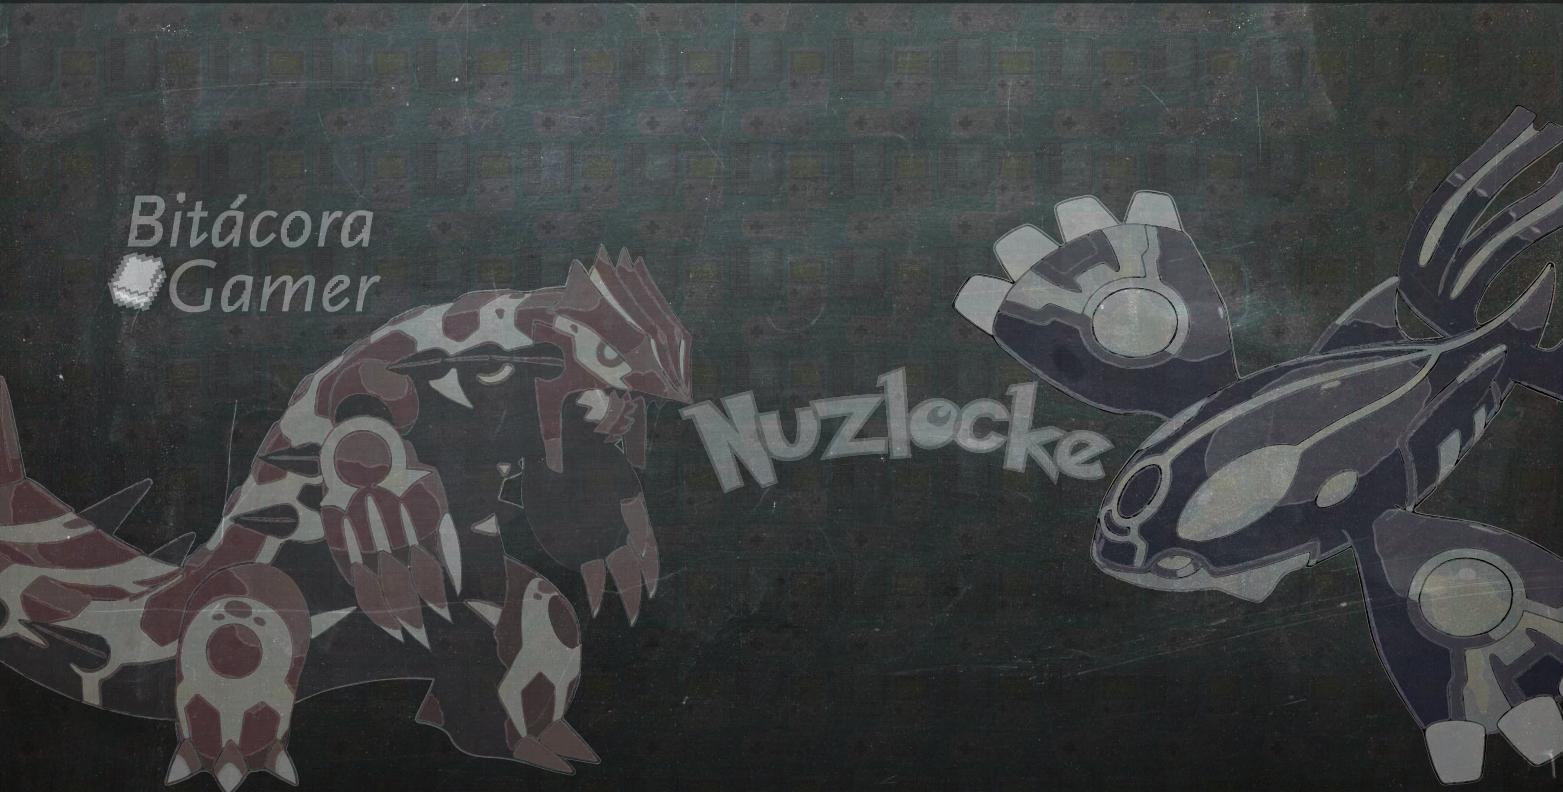 Enseñanzas de Videojuegos Pokémon Nuzlocke